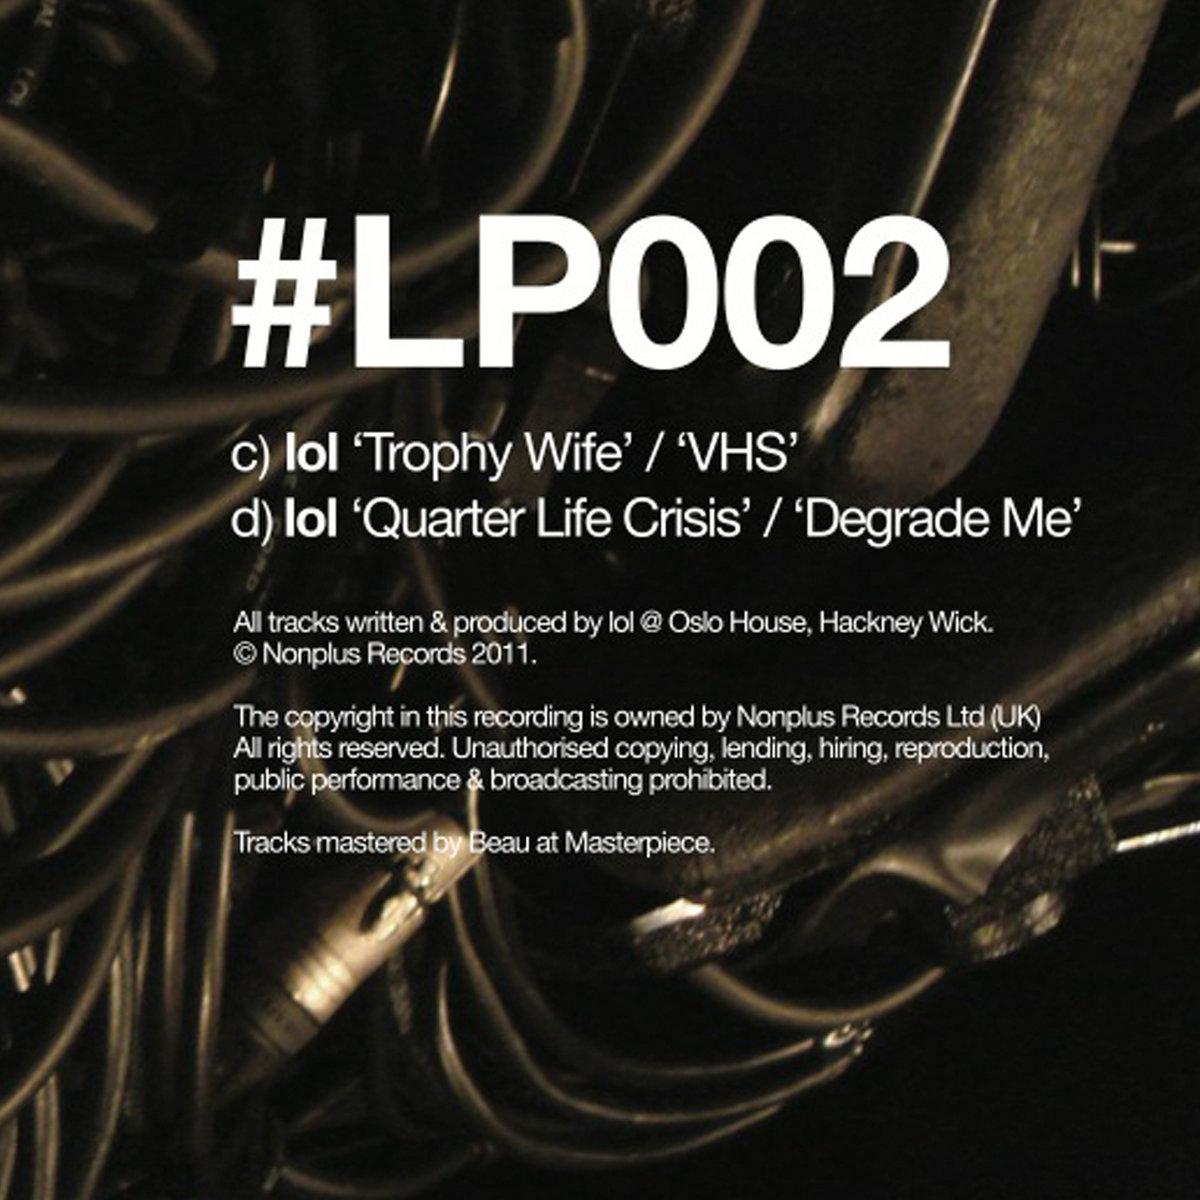 nonplus lp trophy wife vhs quarter life crisis degrade nonplus lp002 trophy wife vhs quarter life crisis degrade me